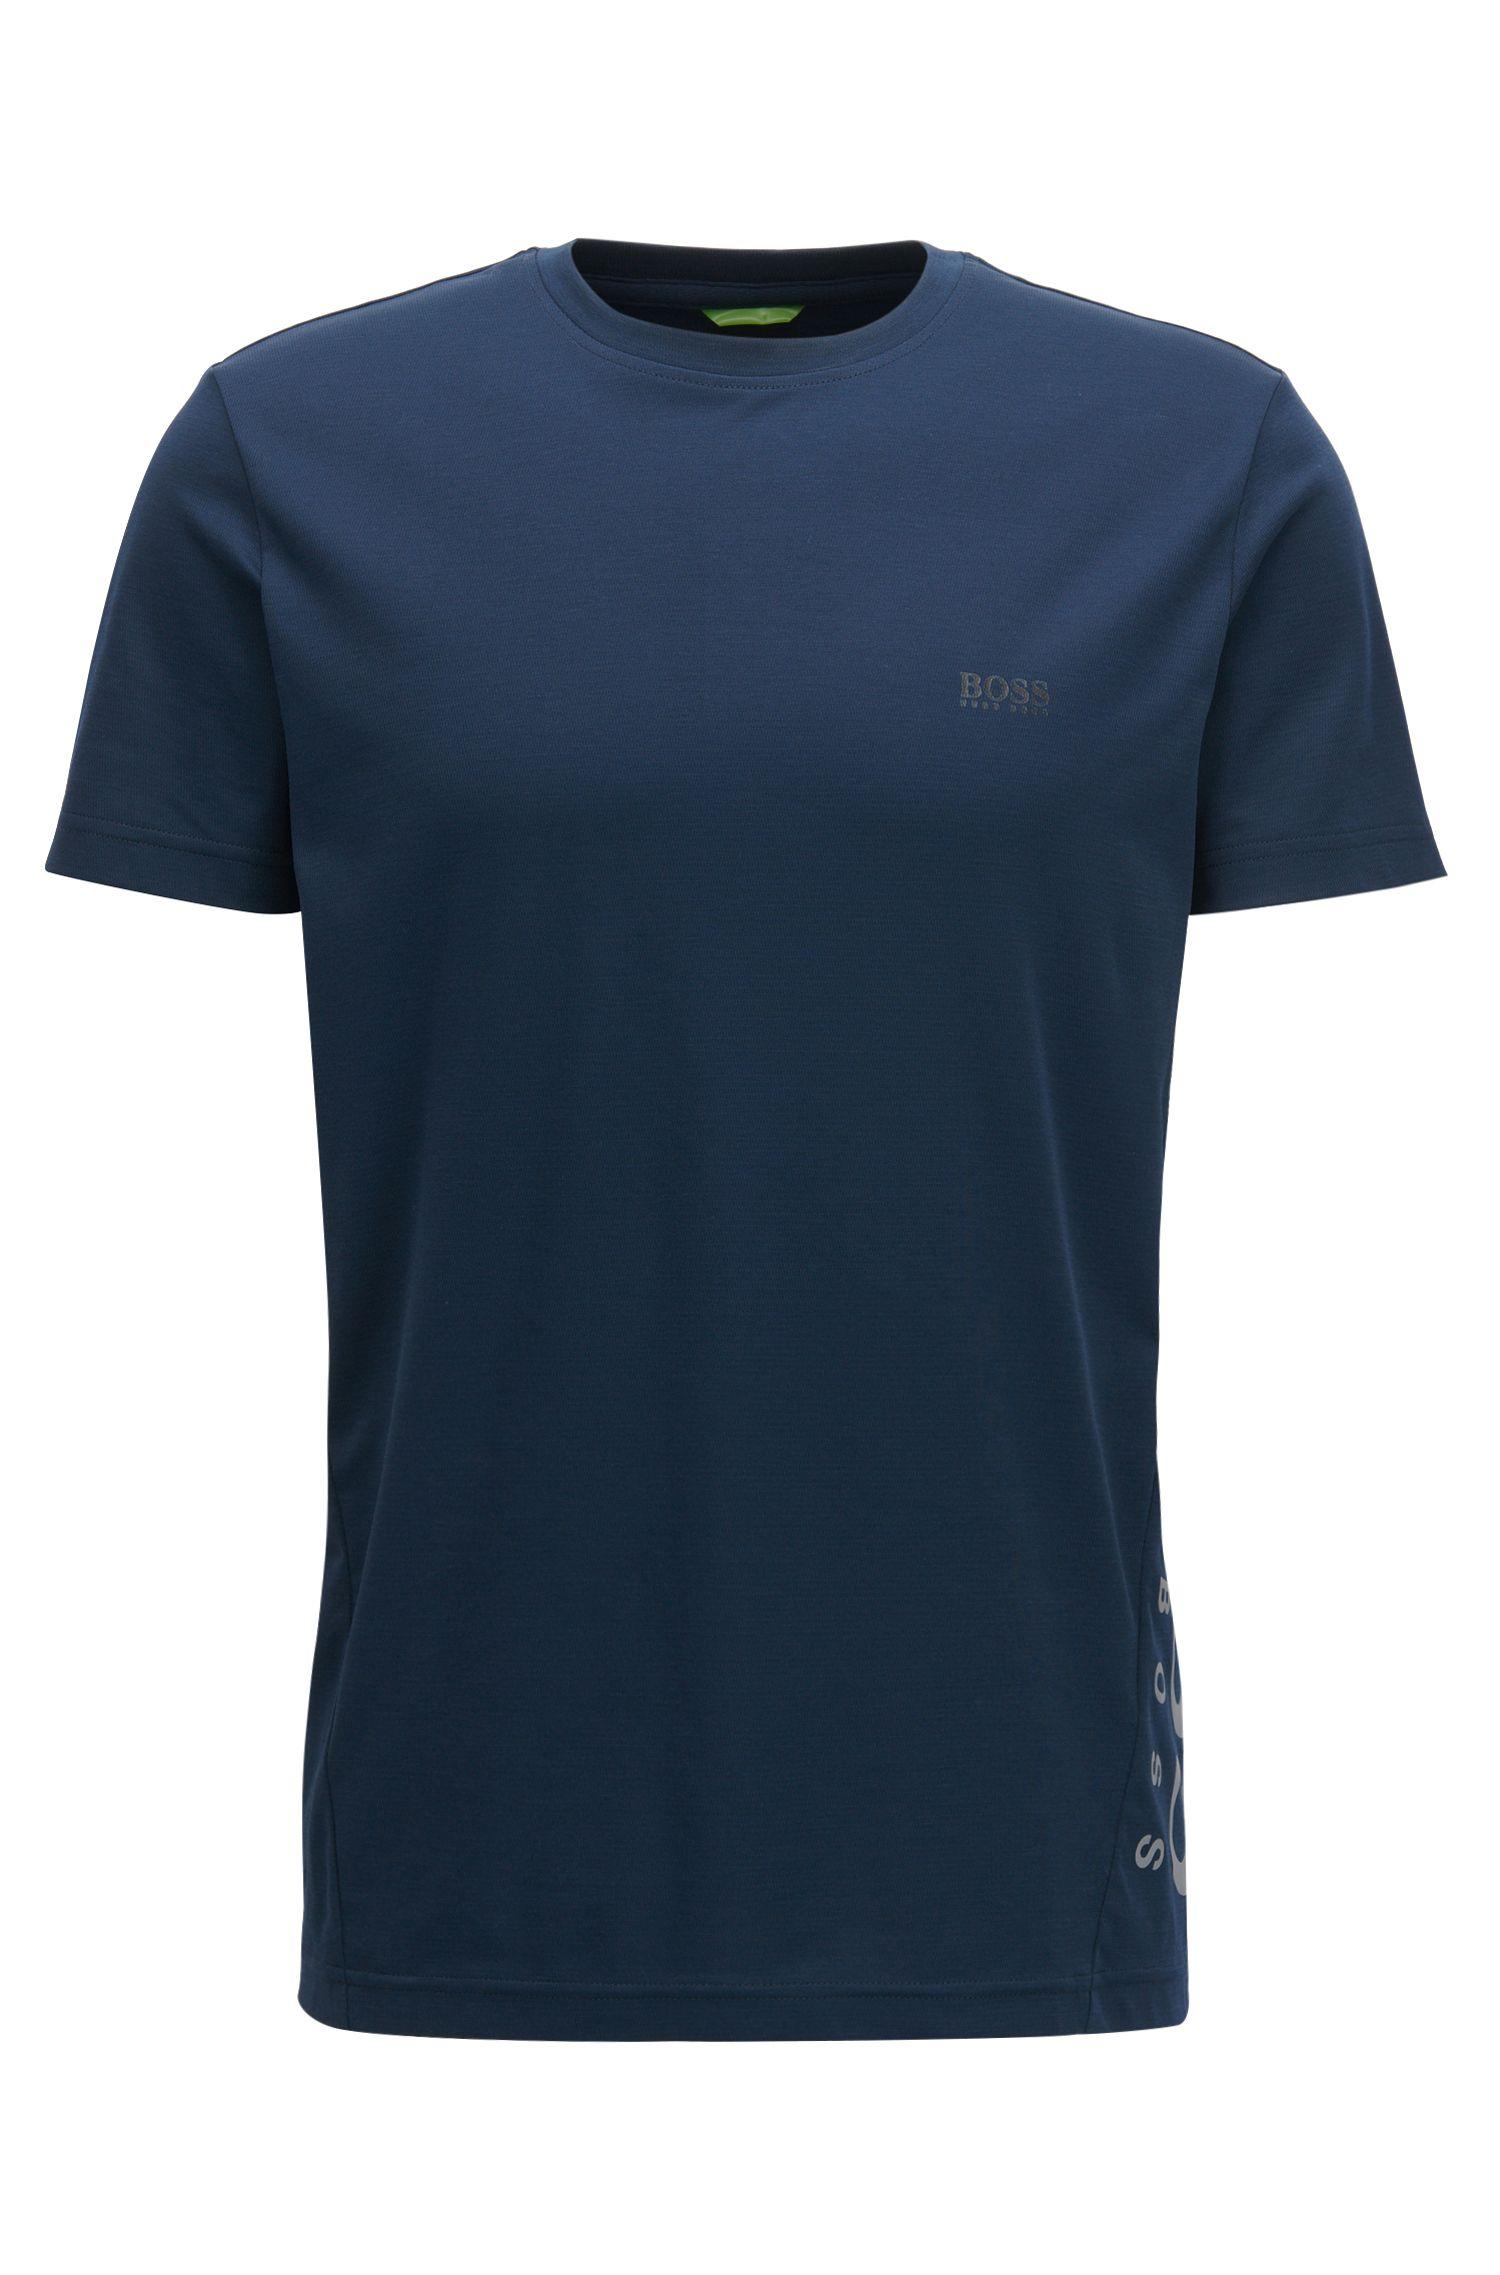 Camiseta slim fit en mezcla de algodón con control de la humedad